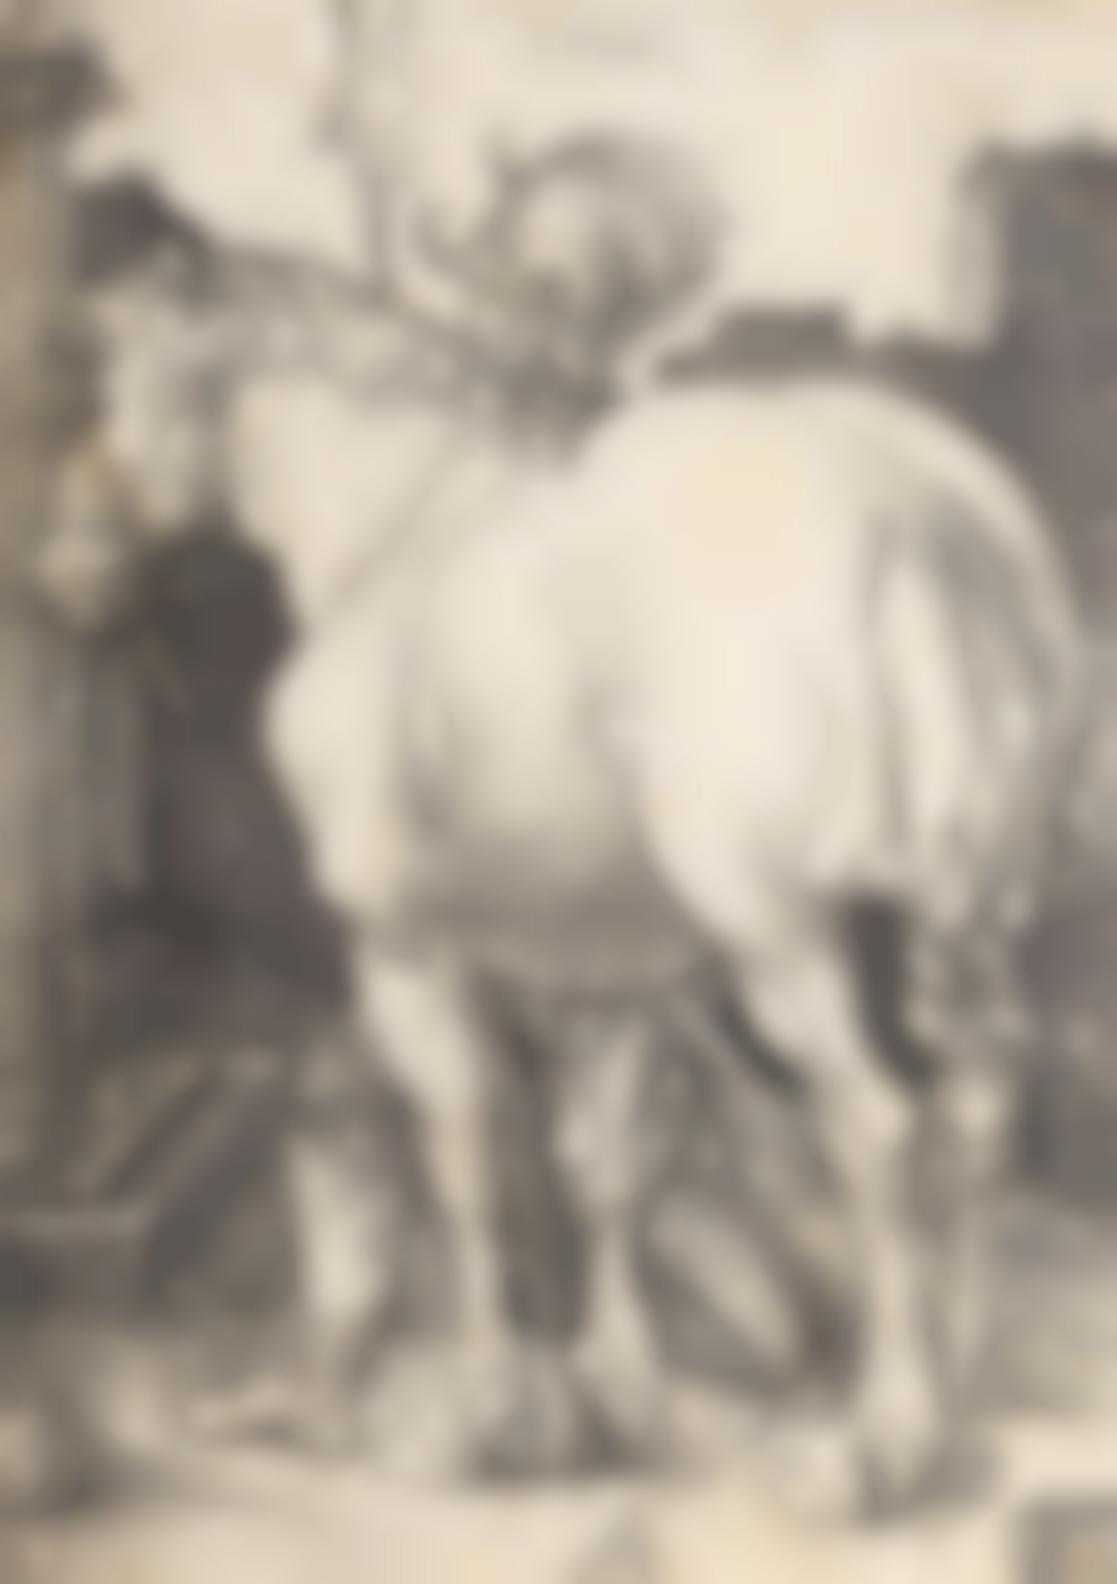 Albrecht Durer-The Large Horse (Bartsch 97; Meder, Hollstein 94; Schoch, Mende And Scherbaum 43); The Small Horse (B. 96; M., Holl. 93; S.M.S. 42); Coat of Arms with a Lion and Rooster (B. 100;M., Holl. 97; S.M.S. 35)-1505